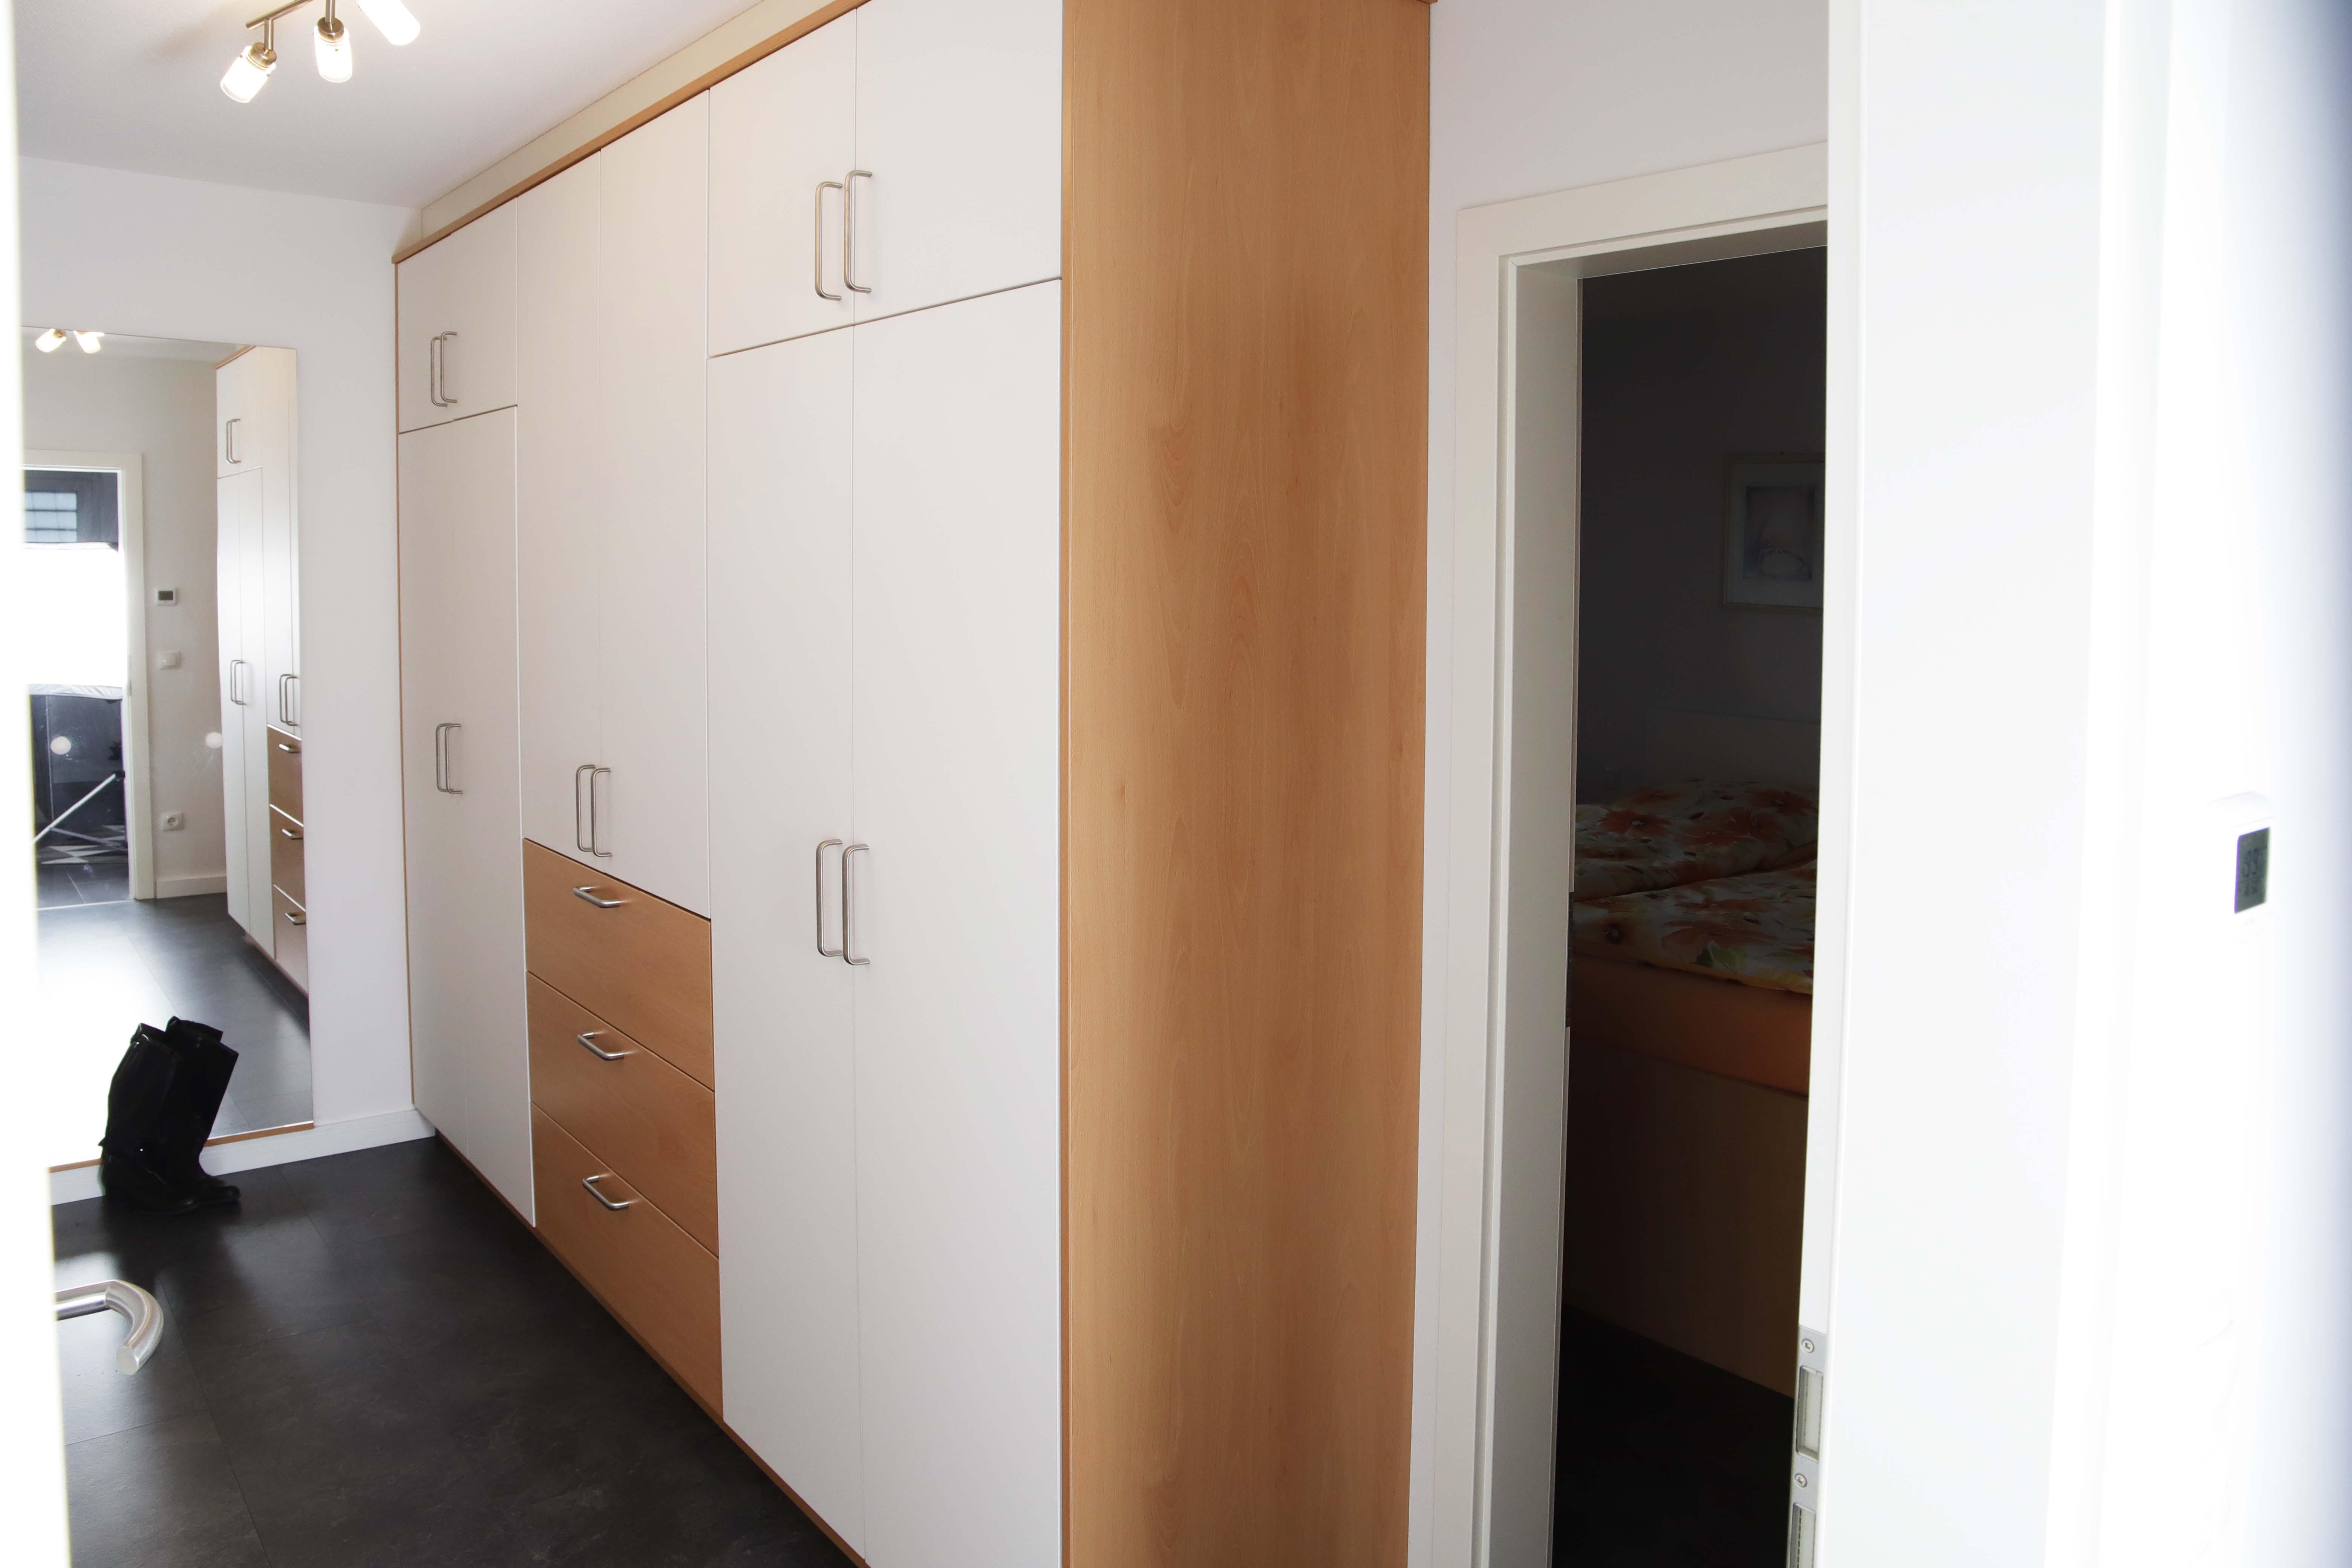 Schlafzimmer mit Ankleidezimmer - Kortboyer - Küchen und ...